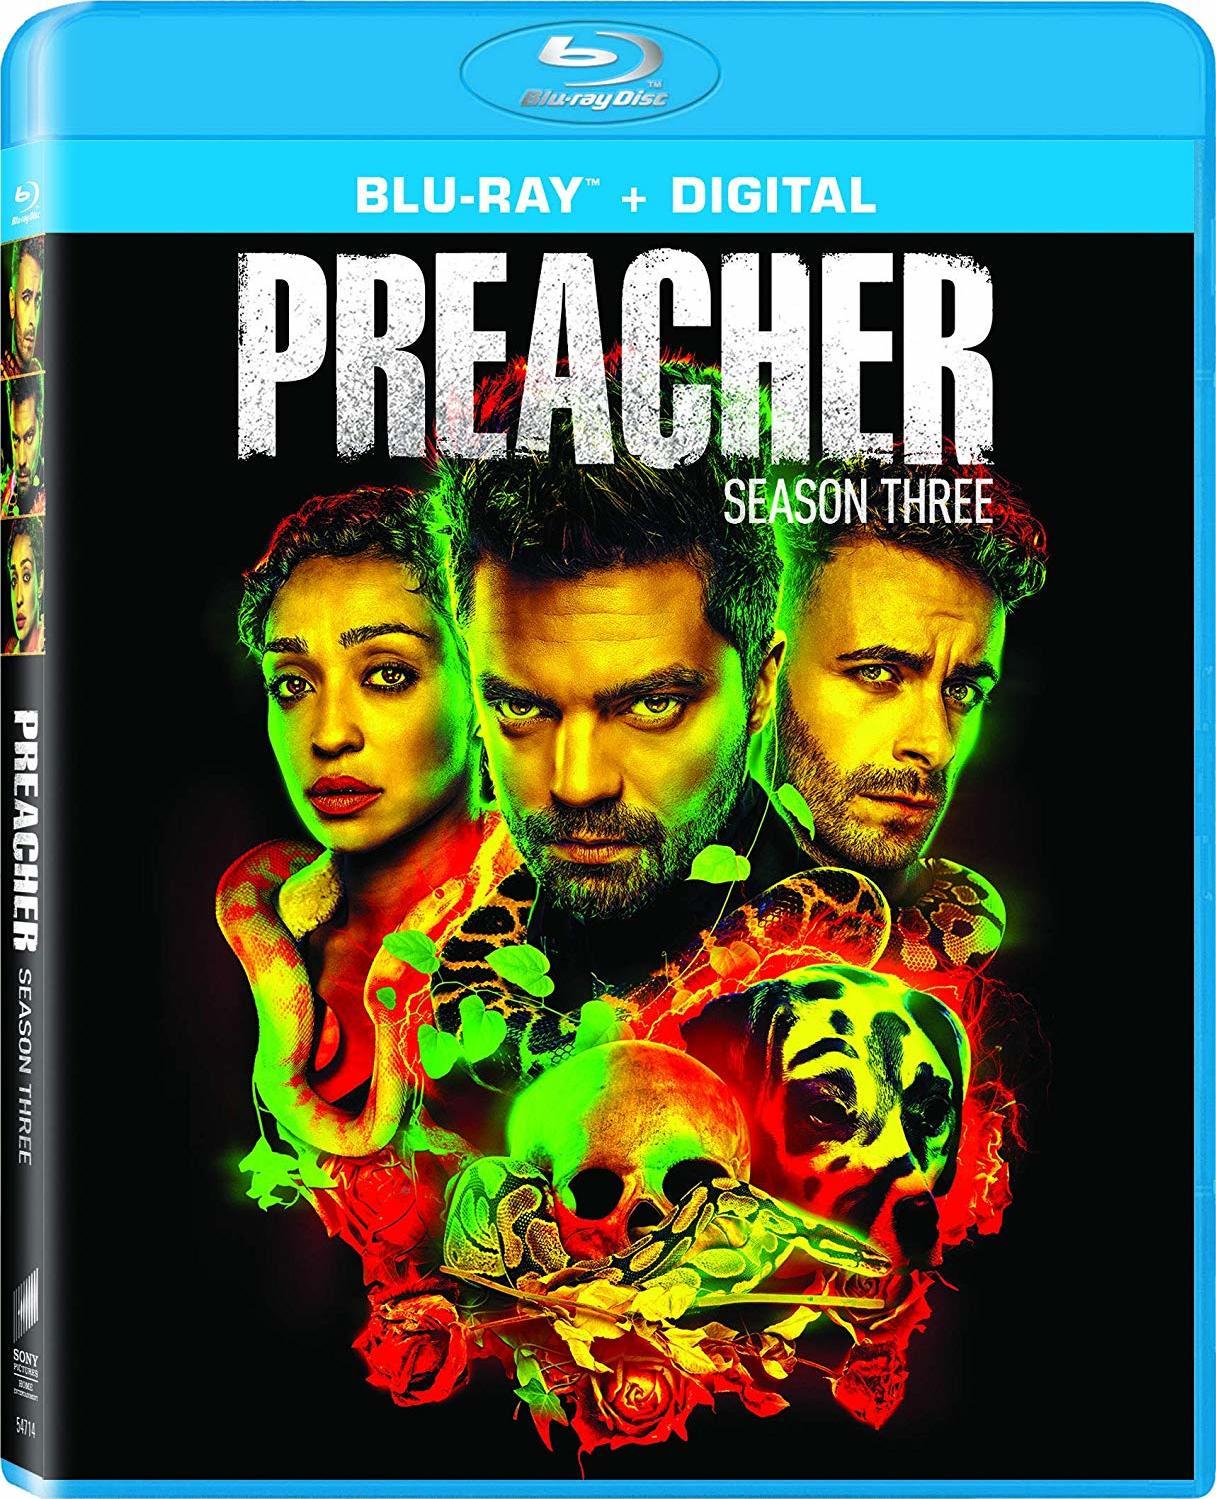 Preacher: Season Three (Blu-ray)(Region A)